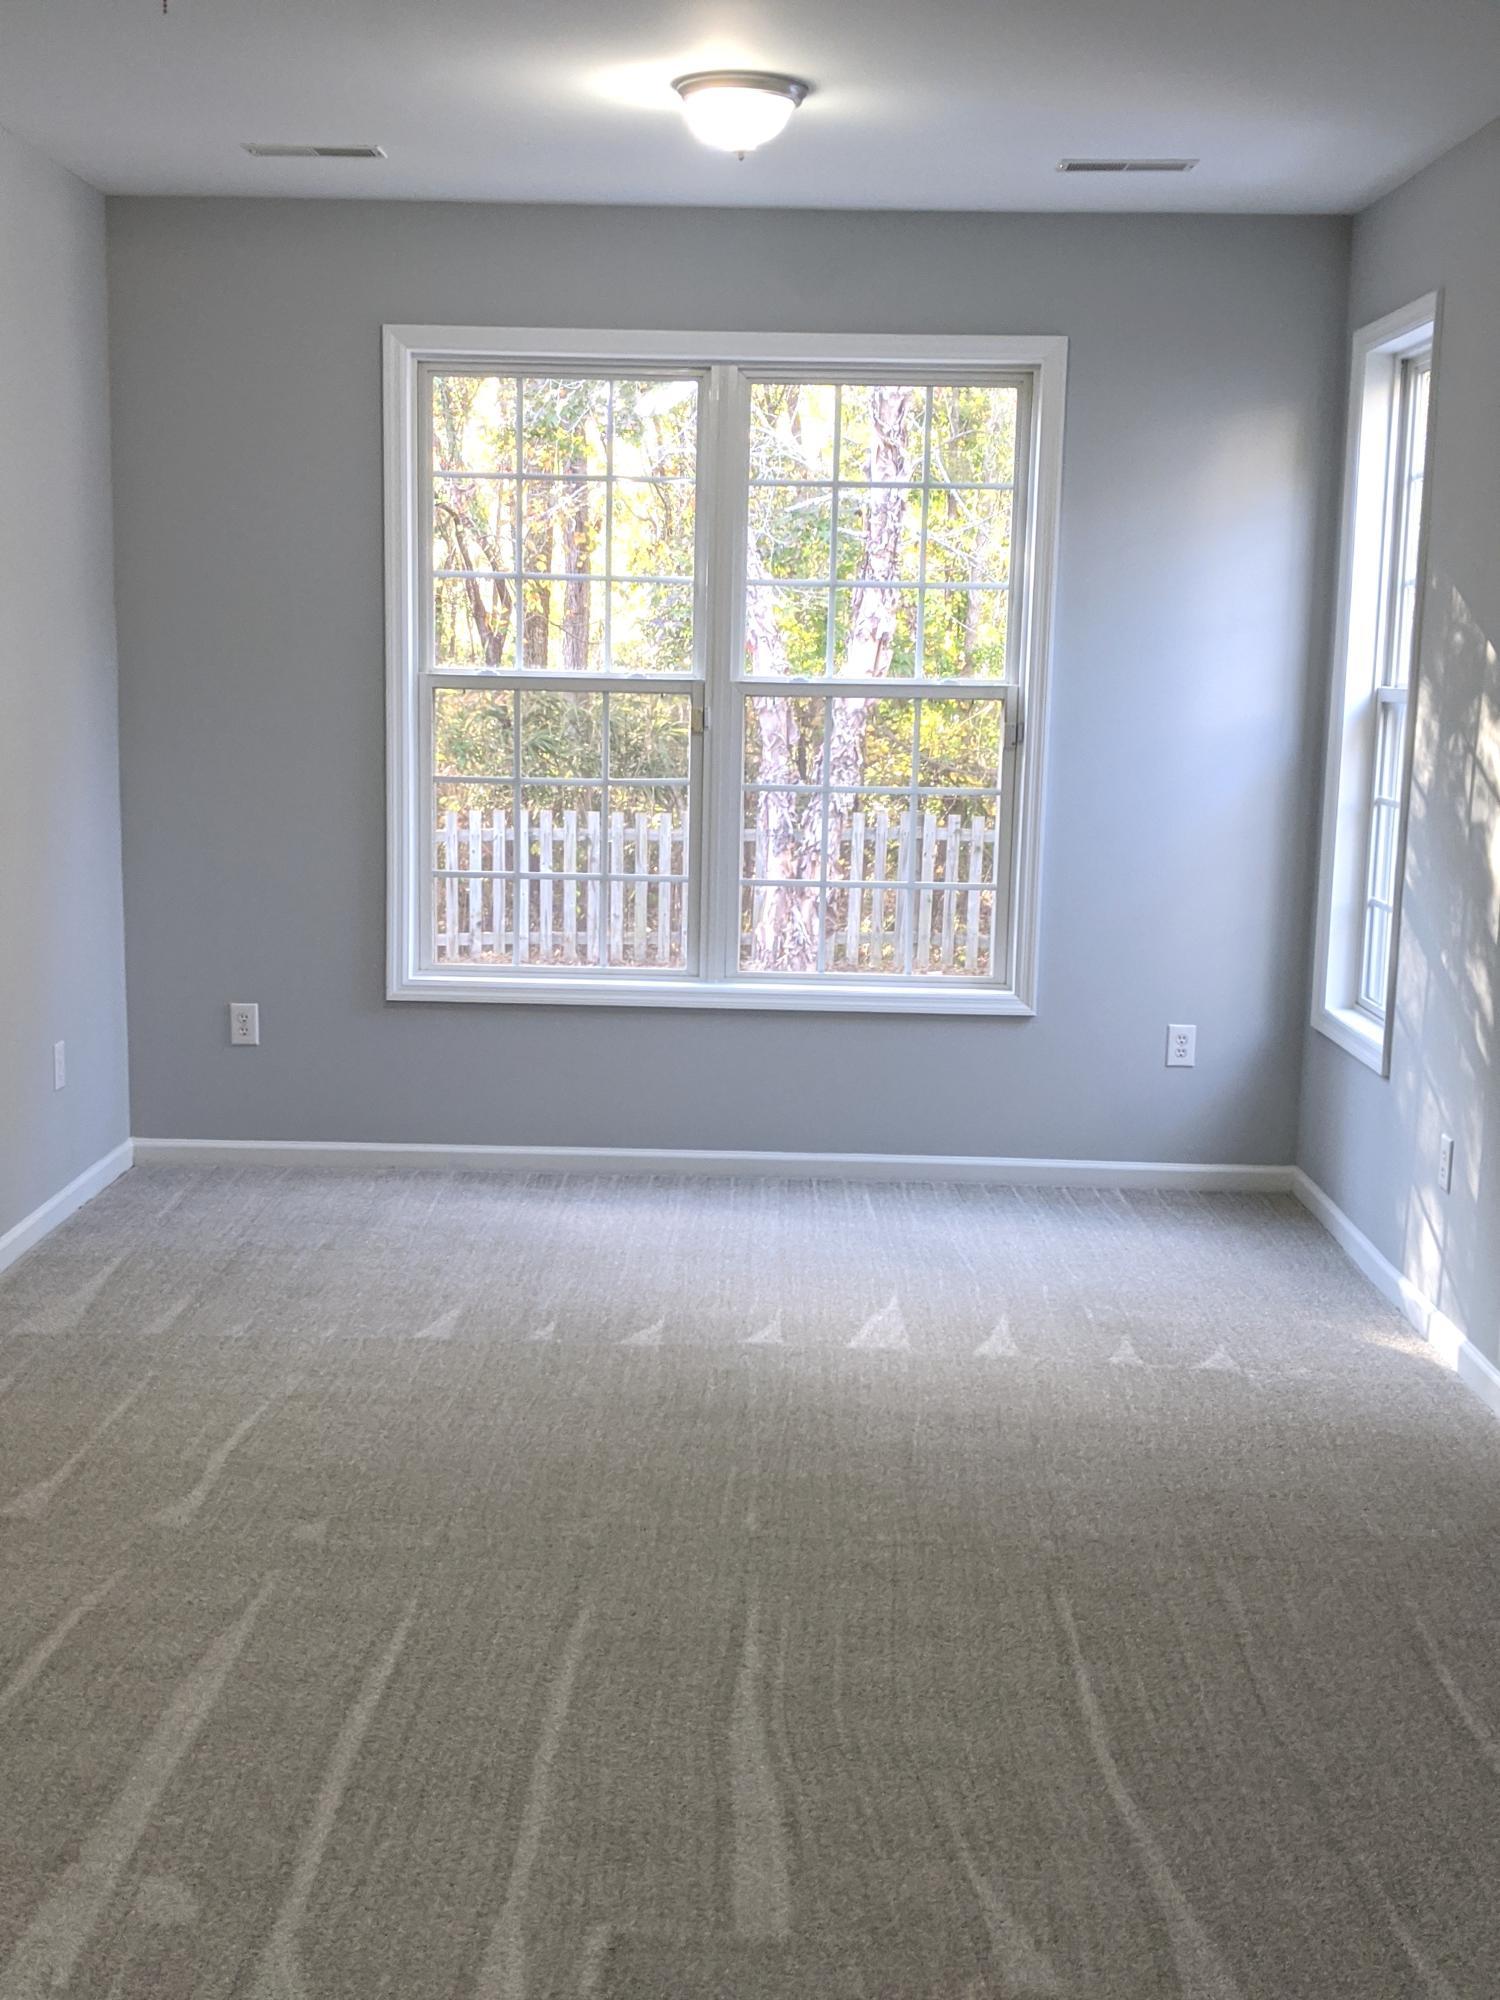 Park West Homes For Sale - 2131 Baldwin Park, Mount Pleasant, SC - 20